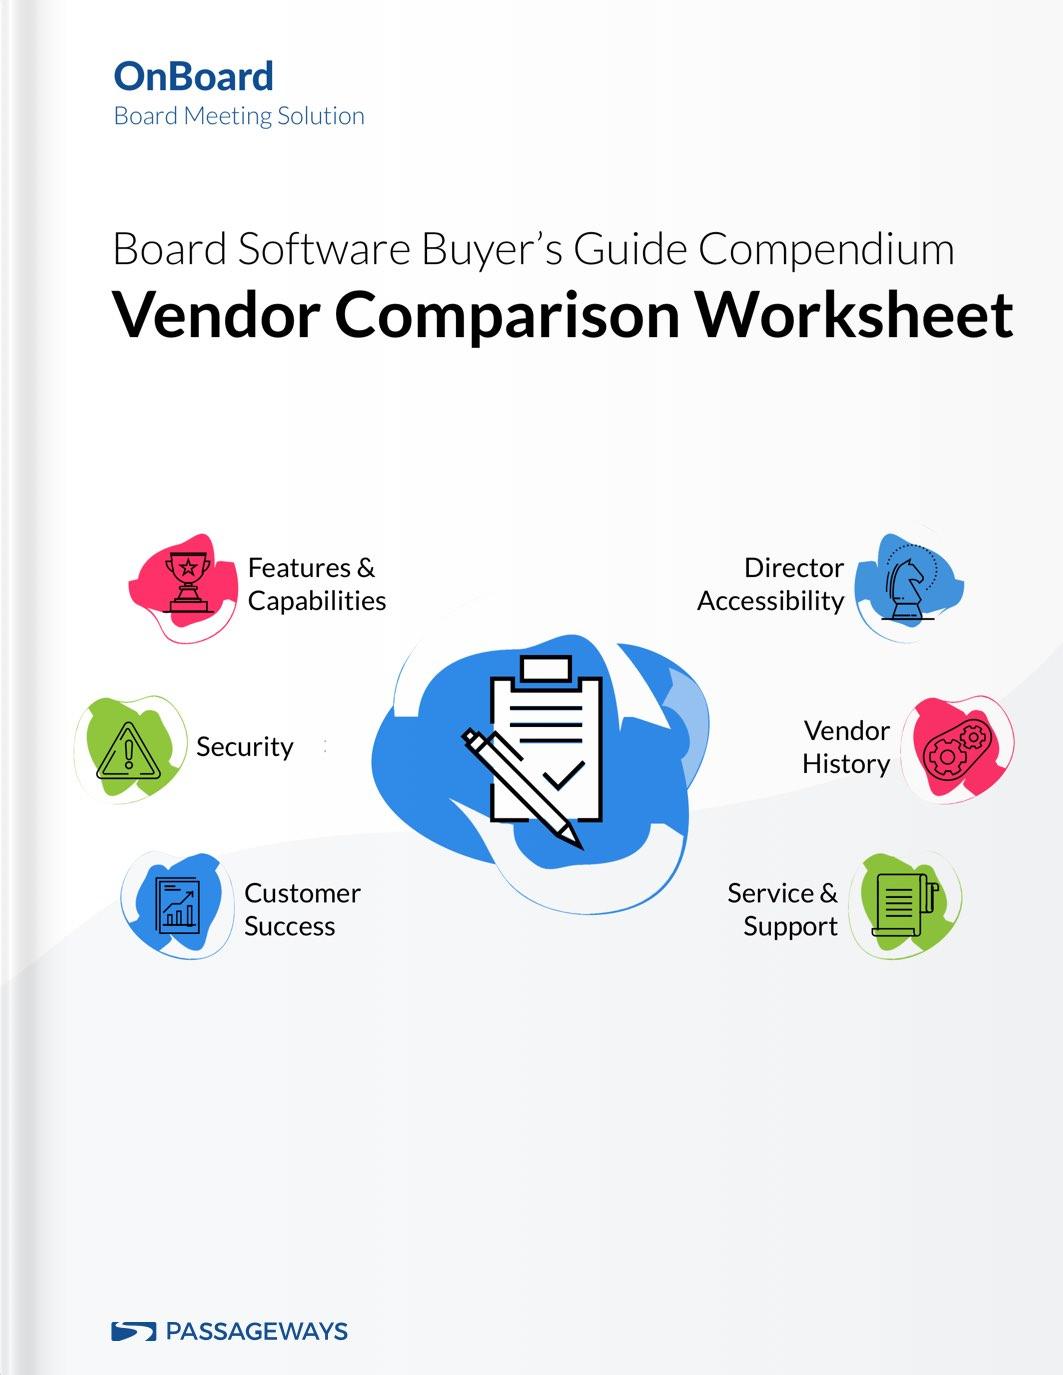 Vendor Comparison Compendium